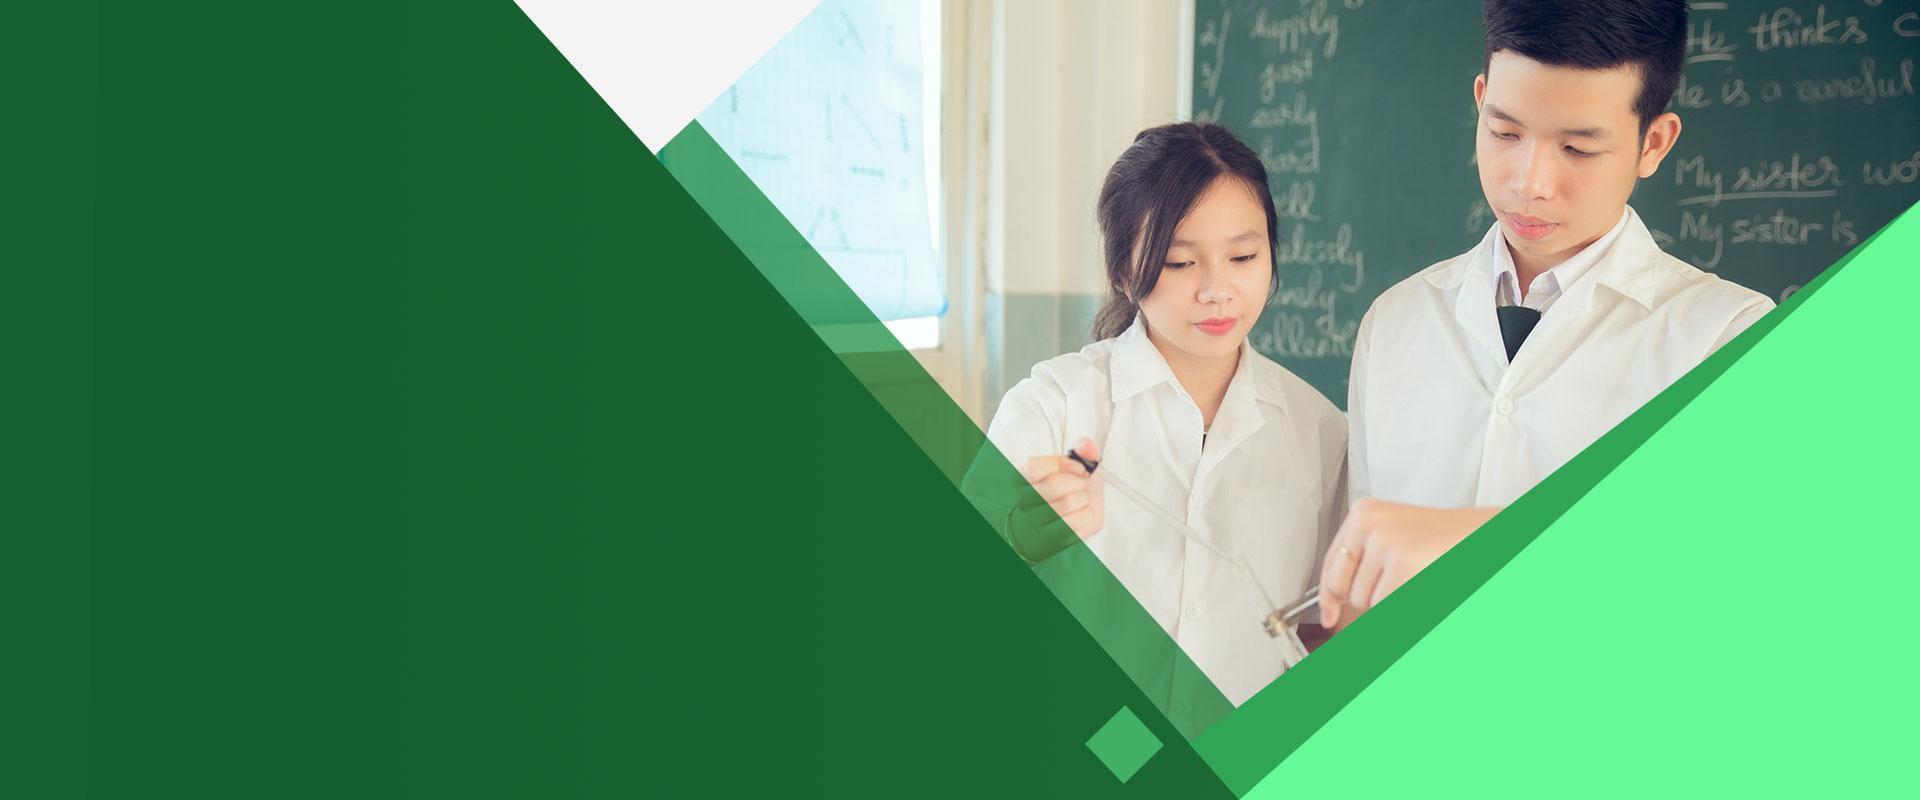 Môi trường giáo dục chuẩn quốc tế